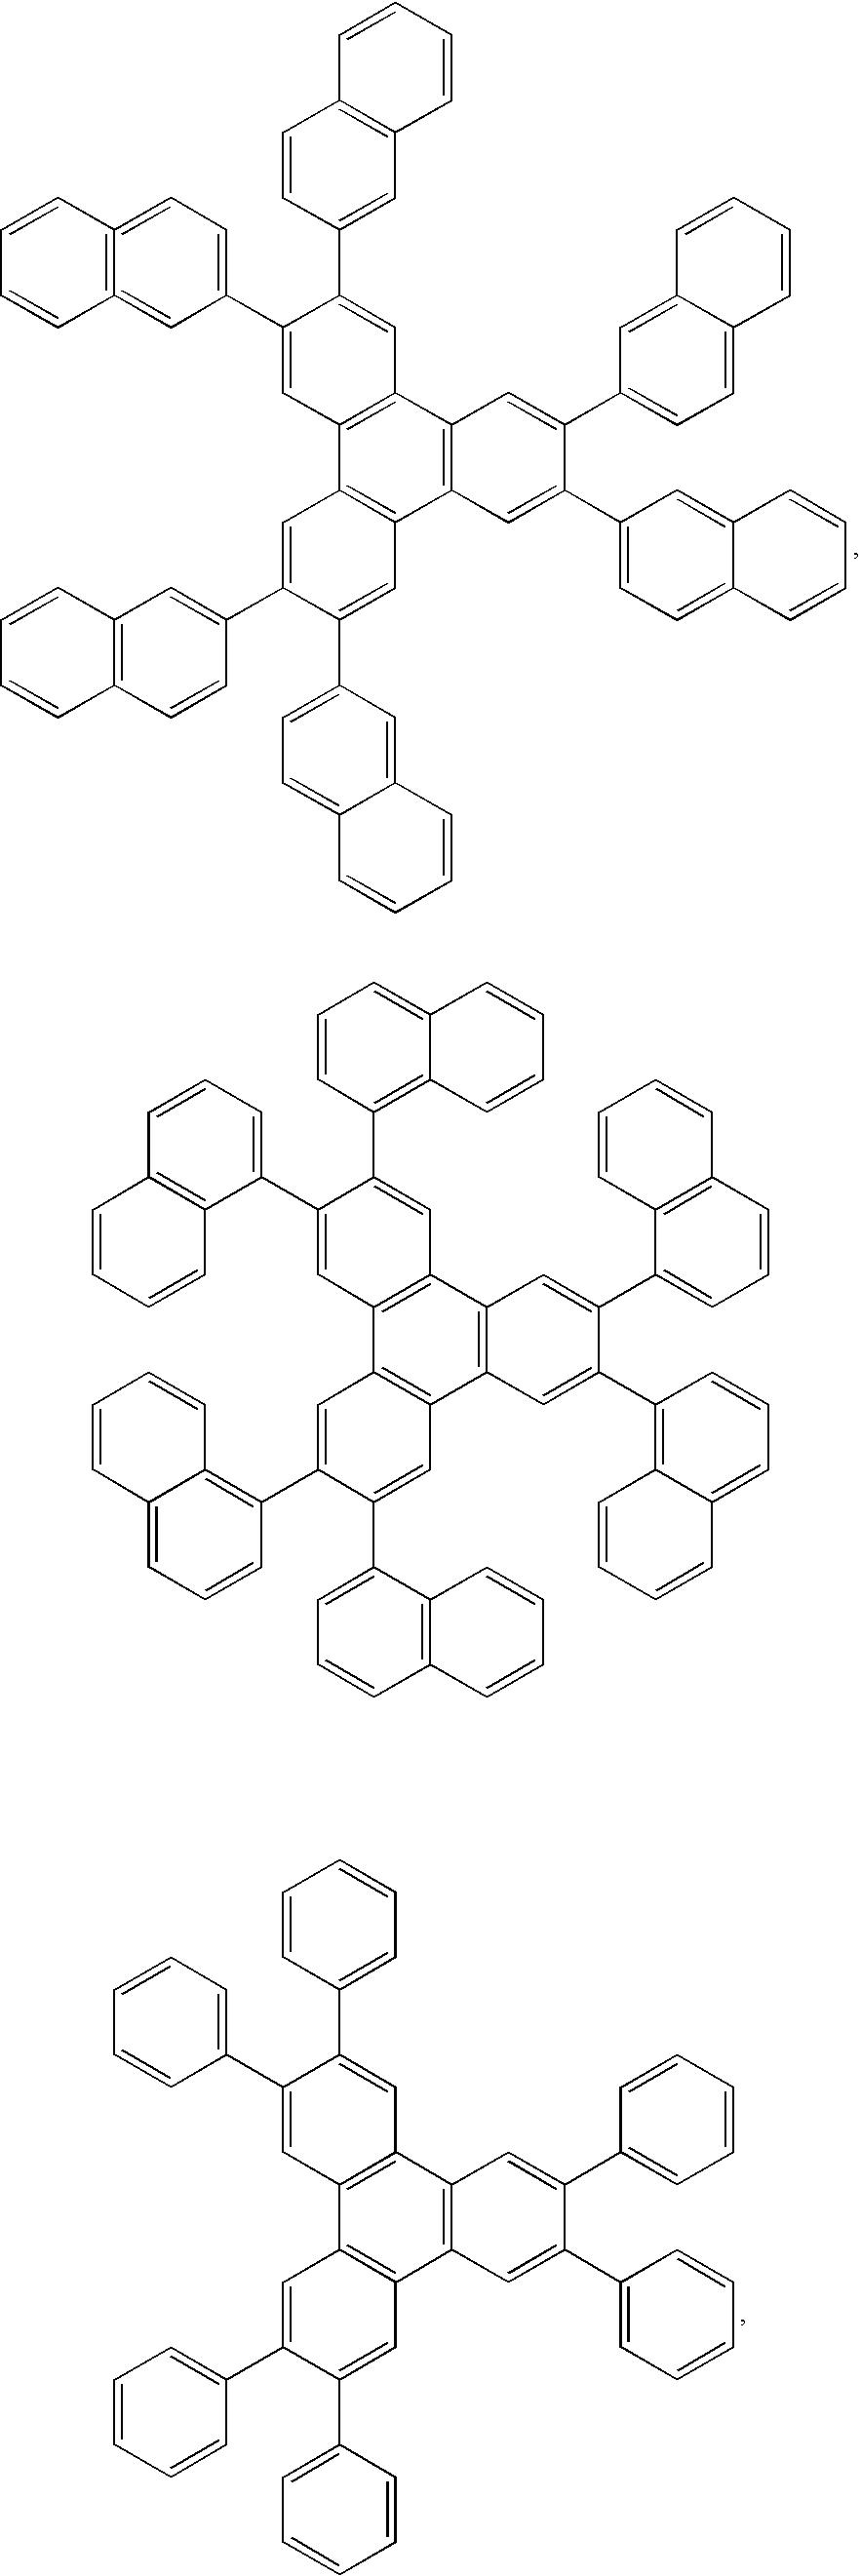 Figure US20060280965A1-20061214-C00047